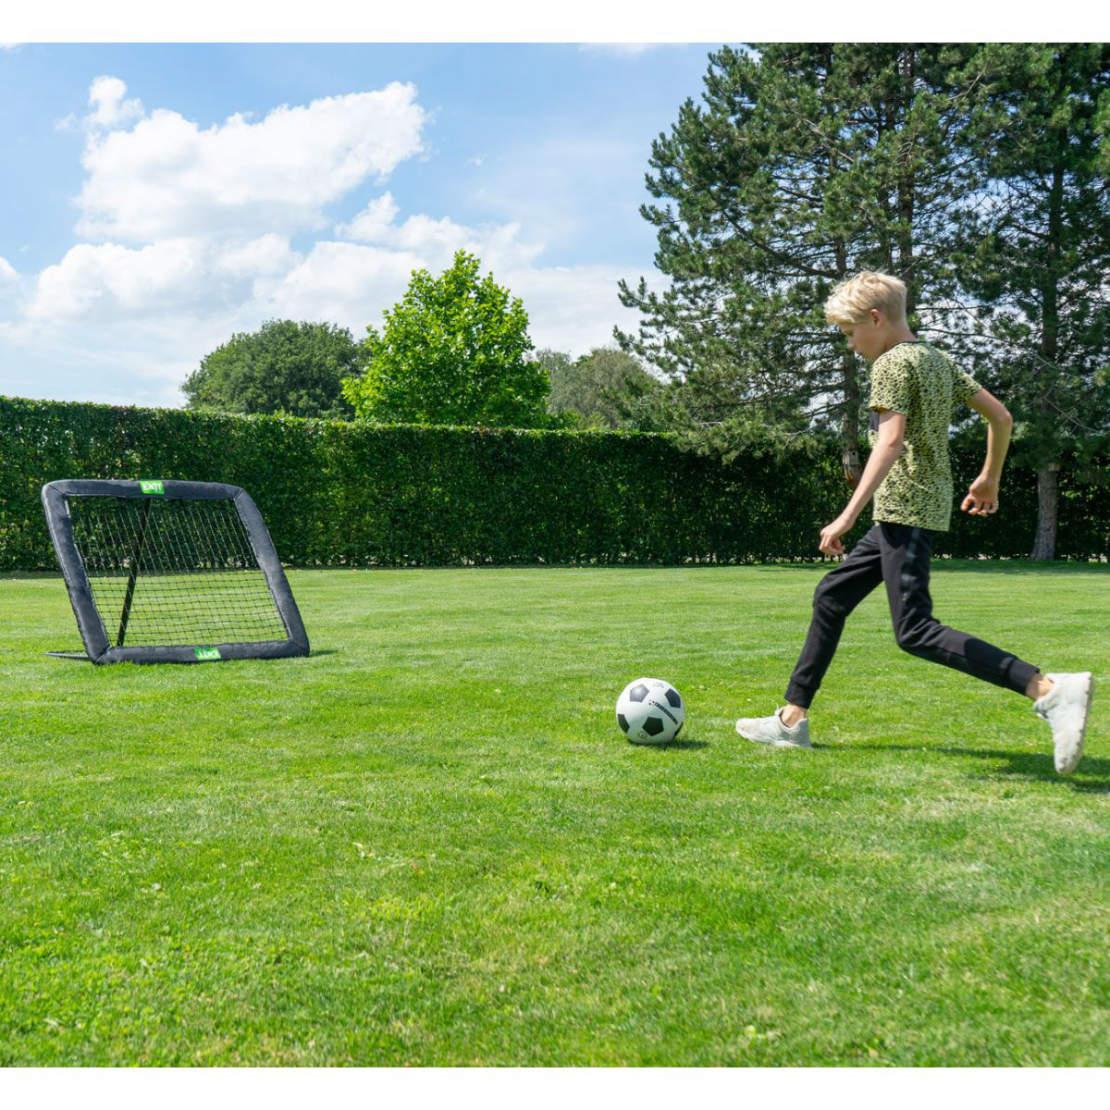 Ein Junge schießt einen Fußball auf einen Fußball Rebounder